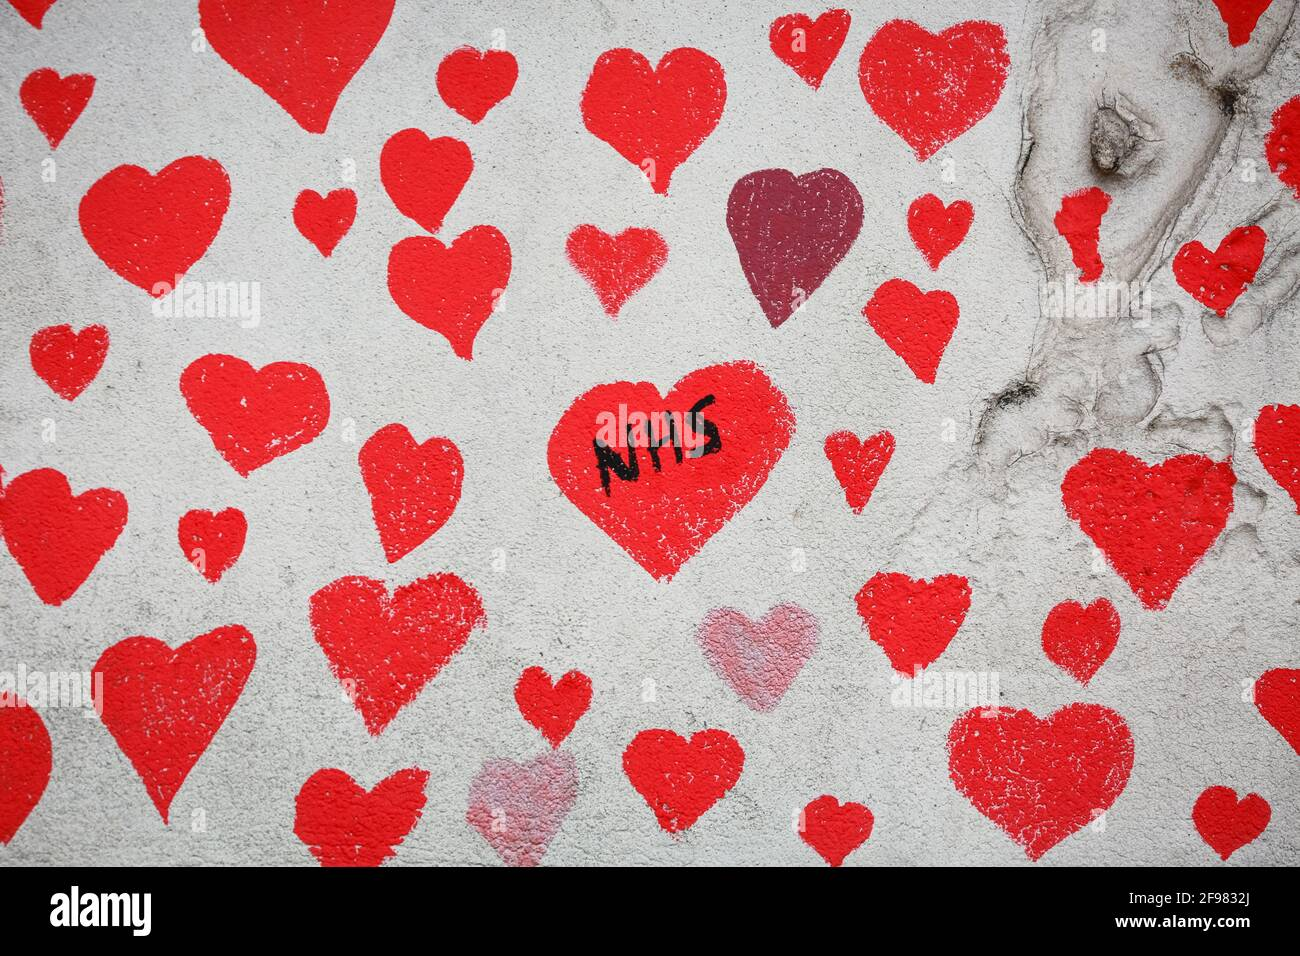 Londres, Royaume-Uni. 13 avril 2021. Le mur commémoratif national du COVID - cœur rouge dessiné à la main sur un mur en face des chambres du Parlement. Crédit: Waldemar Sikora Banque D'Images